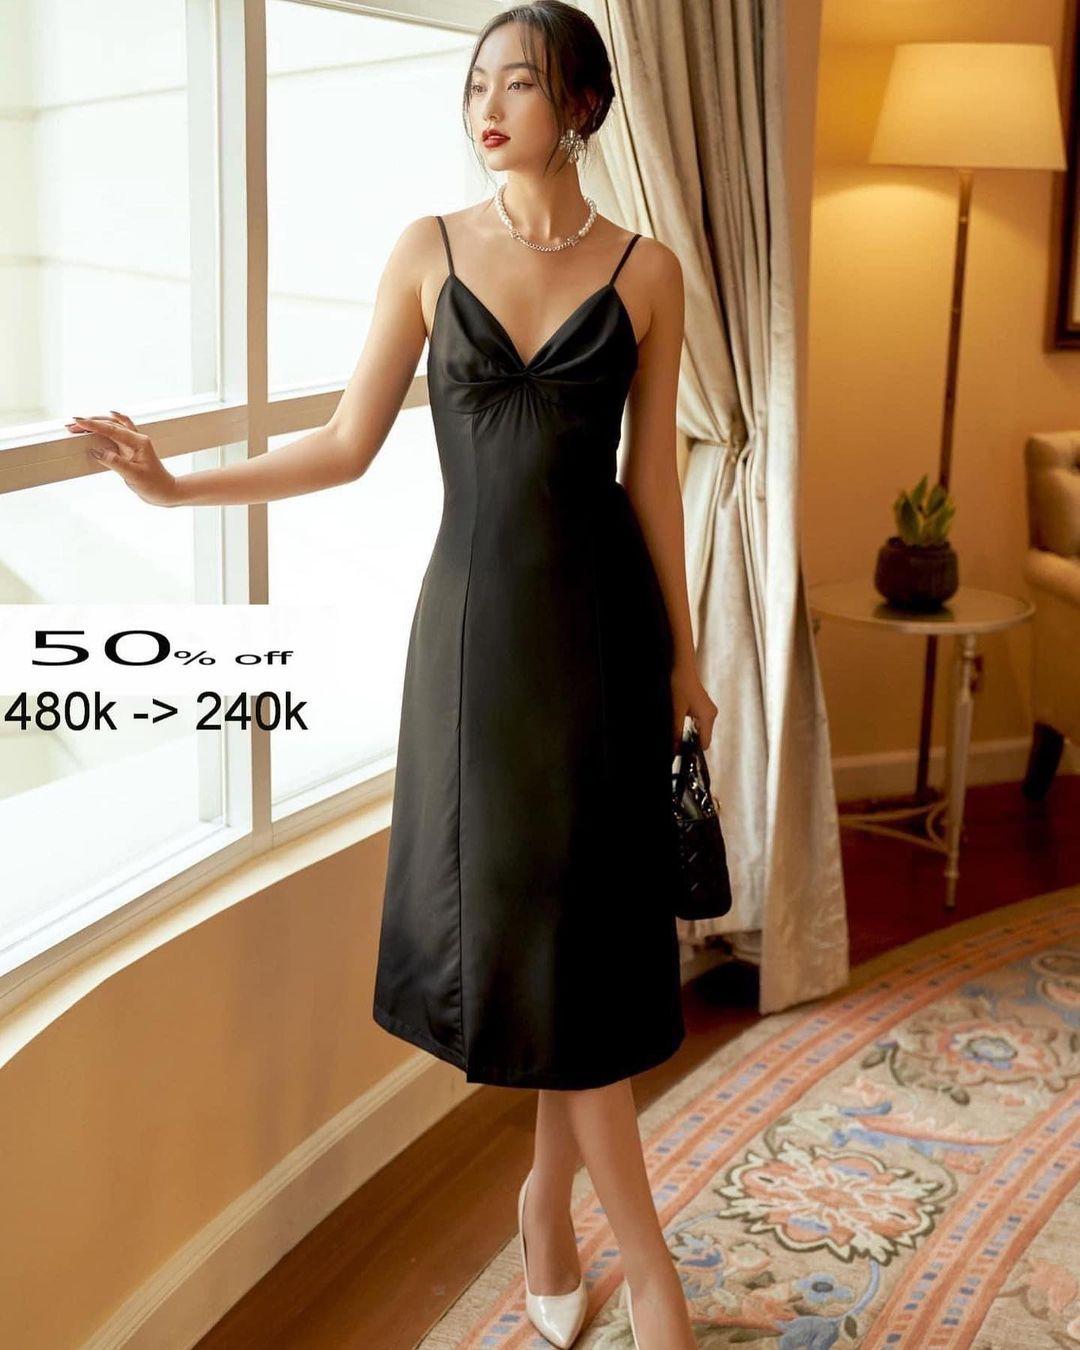 Xoài Non gợi ý loạt váy dự tiệc chanh sả dưới 1 triệu, ai thích rẻ hơn thì vẫn có nhiều lựa chọn ngon nghẻ - Ảnh 6.